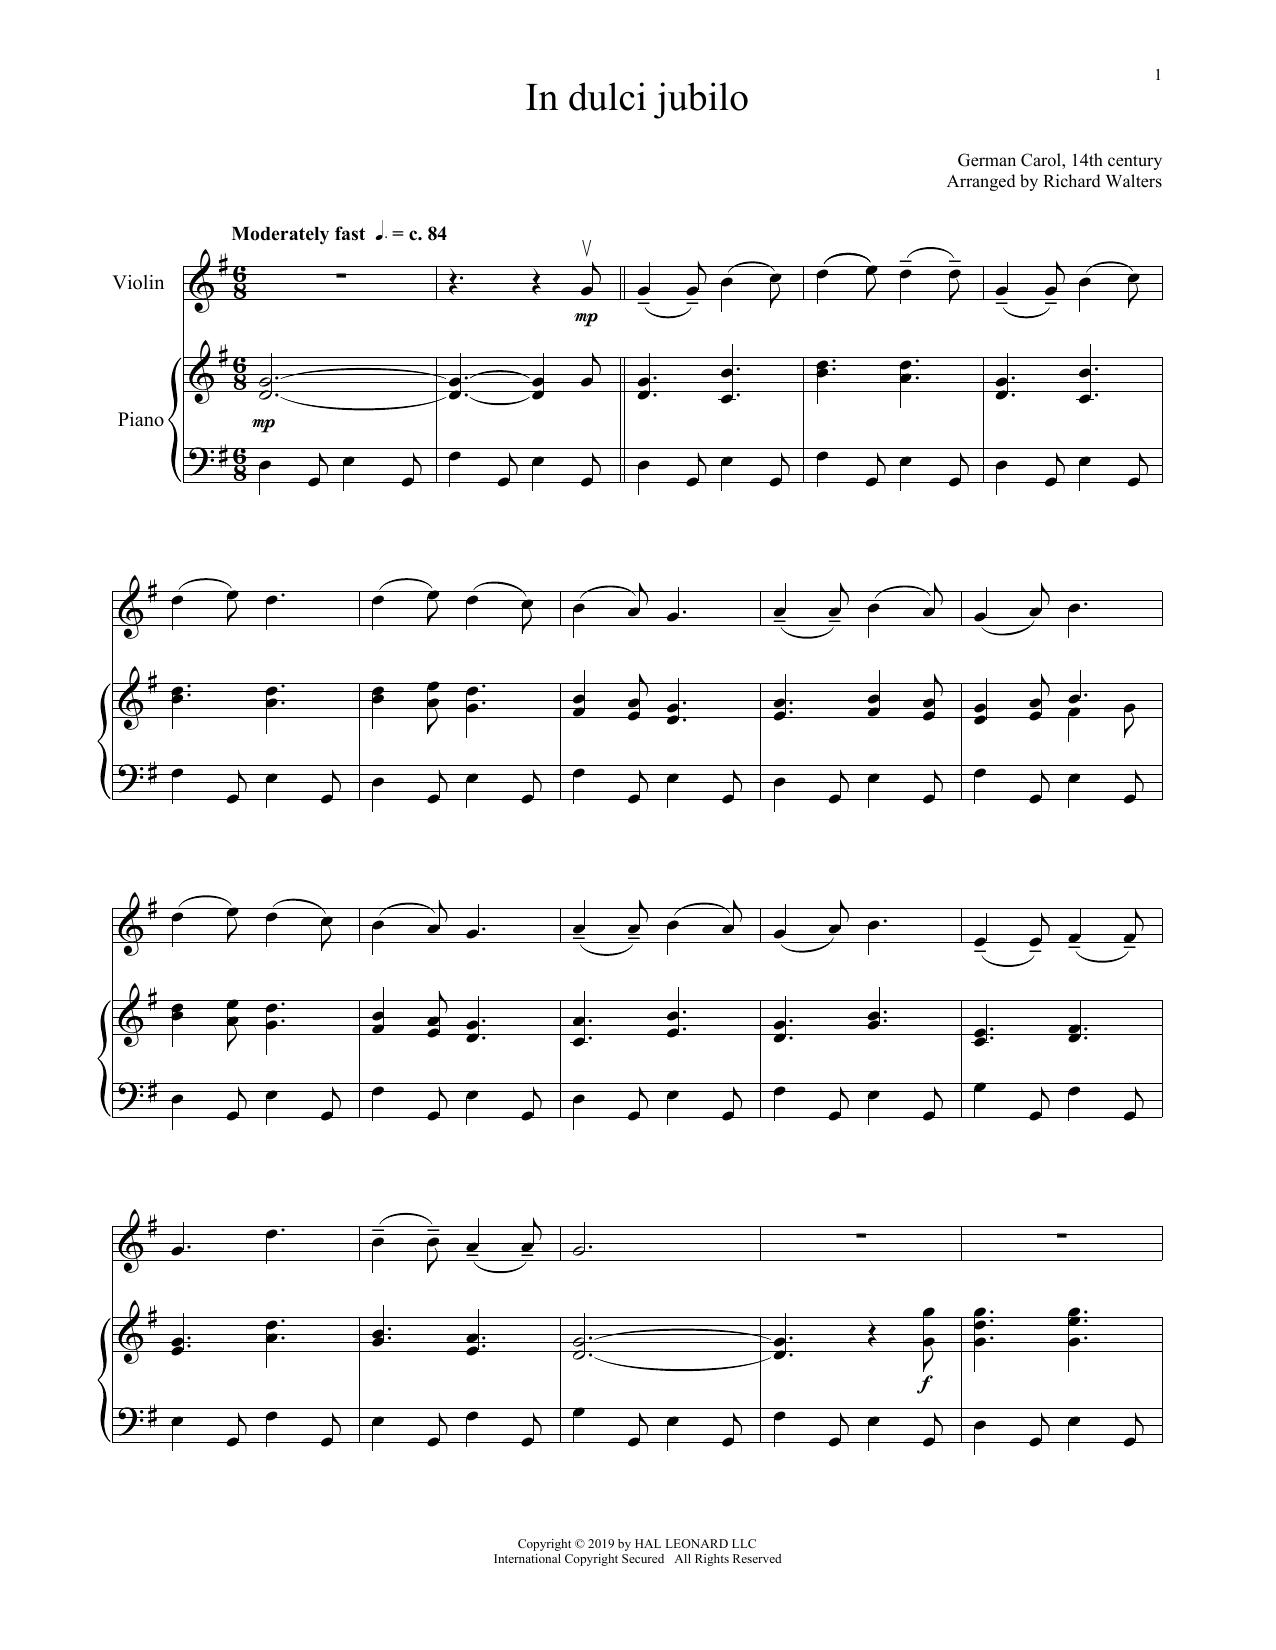 In Dulci Jubilo (Violin and Piano)